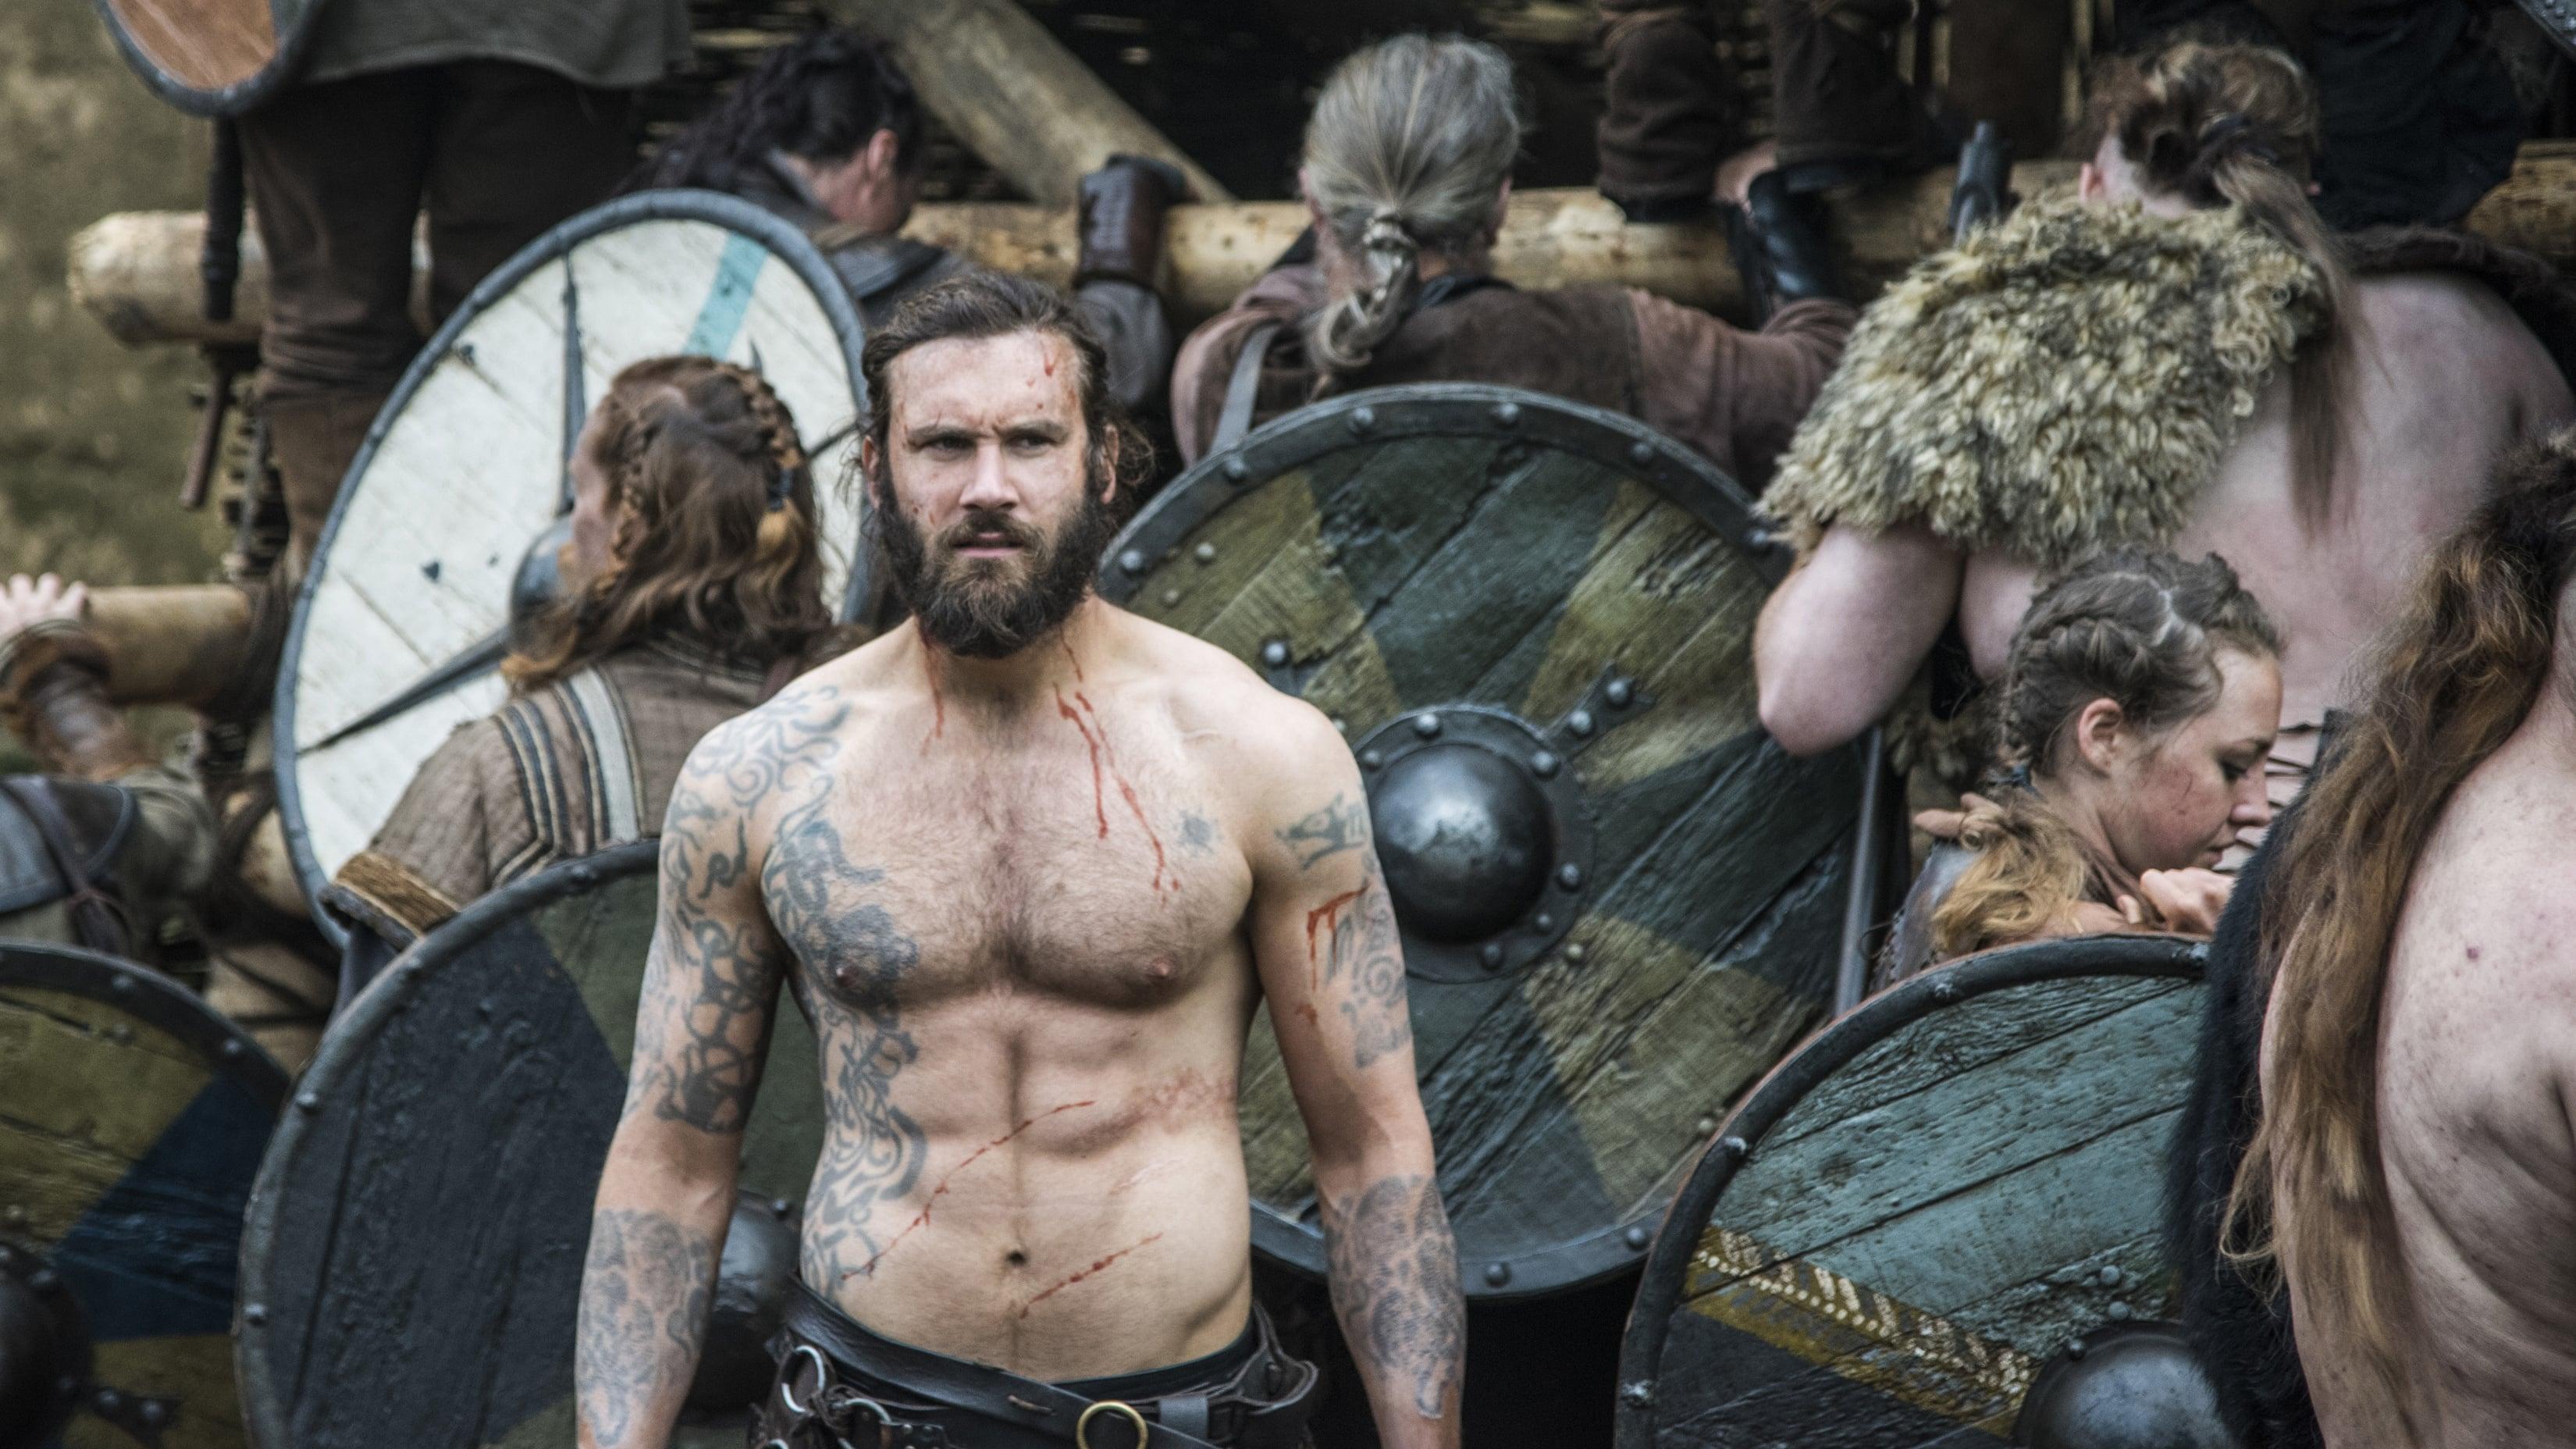 how to watch vikings season 2 on ipad